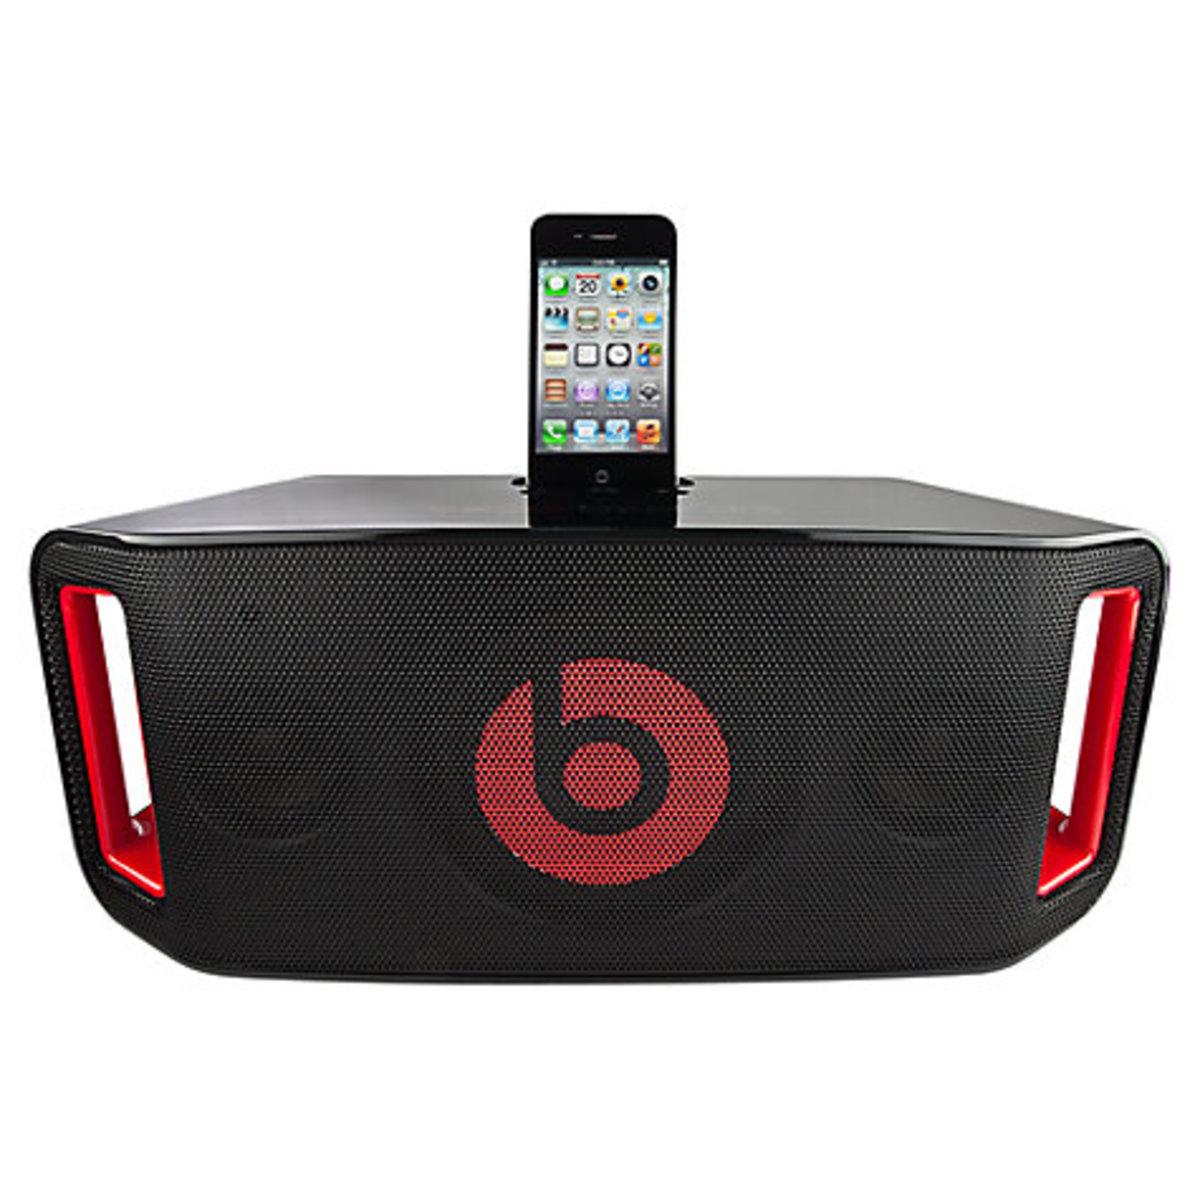 Η Apple ετοιμάζει συνεργασία με την Beats Electronics; | Newsit.gr